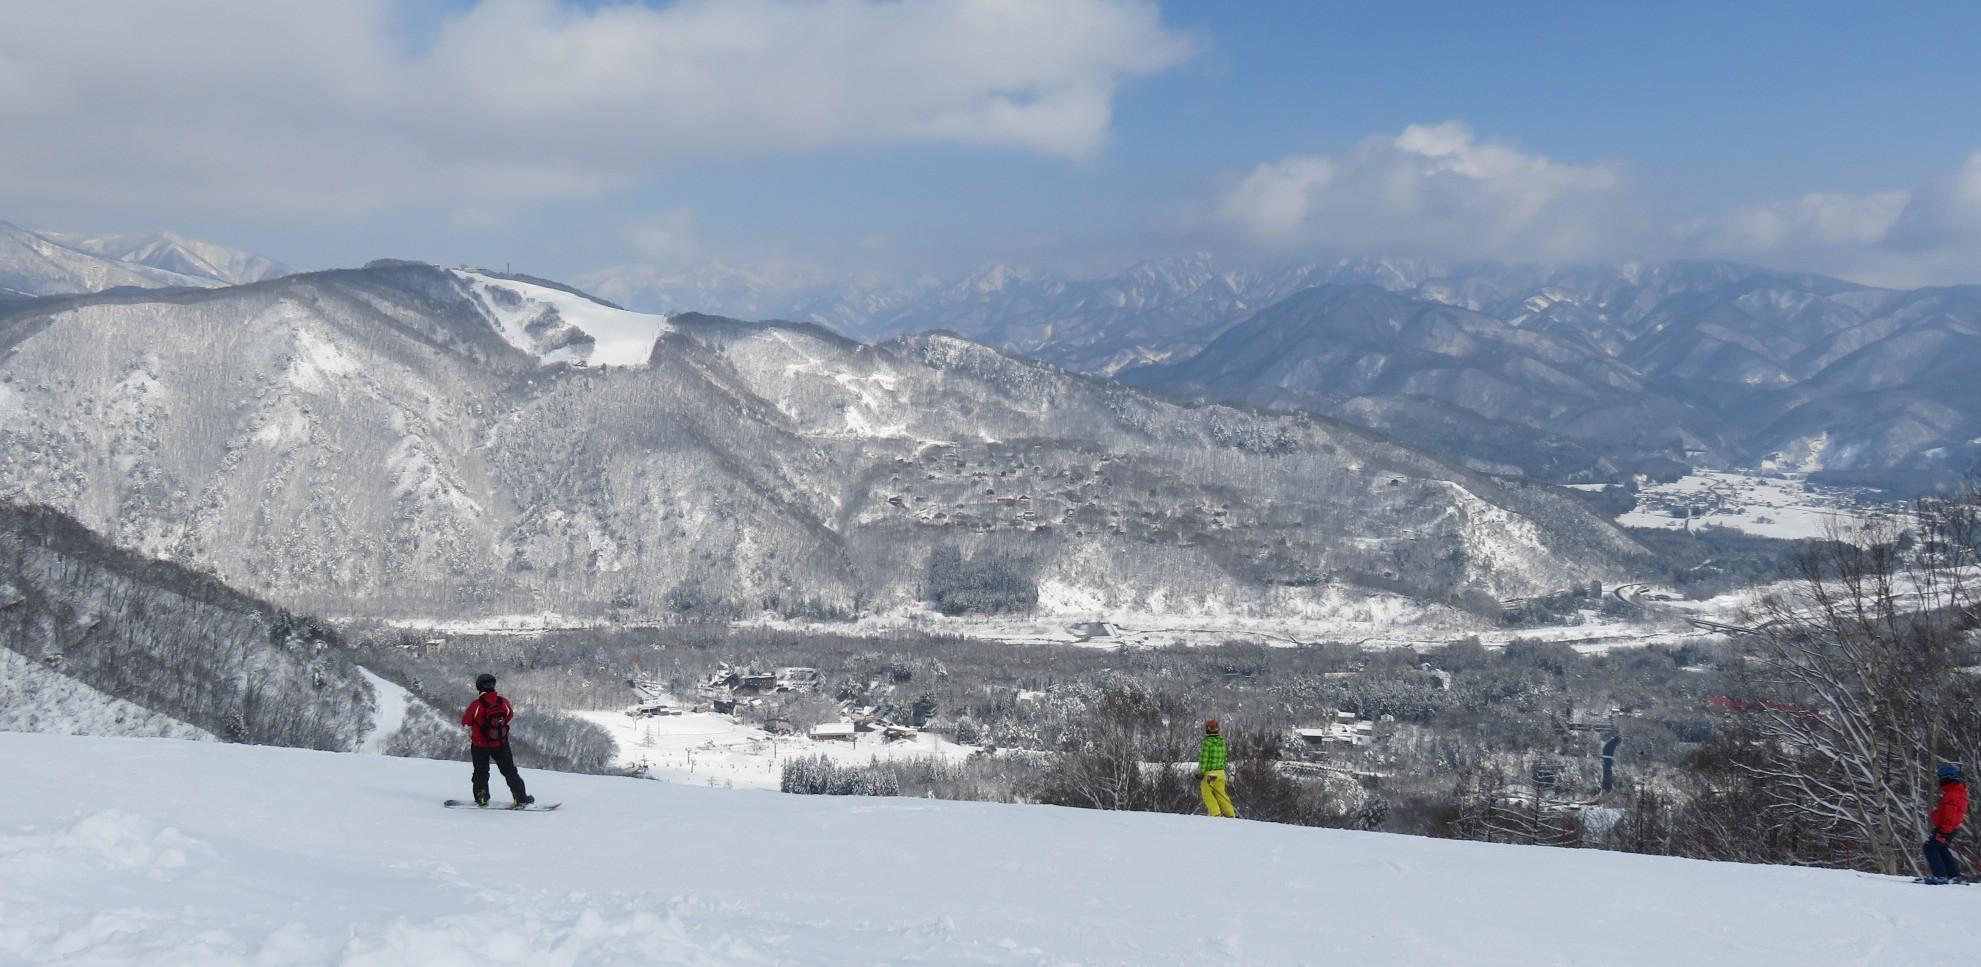 【白馬八方尾根スキー場】パウダースノー、長い距離を滑りたい時おすすめ!